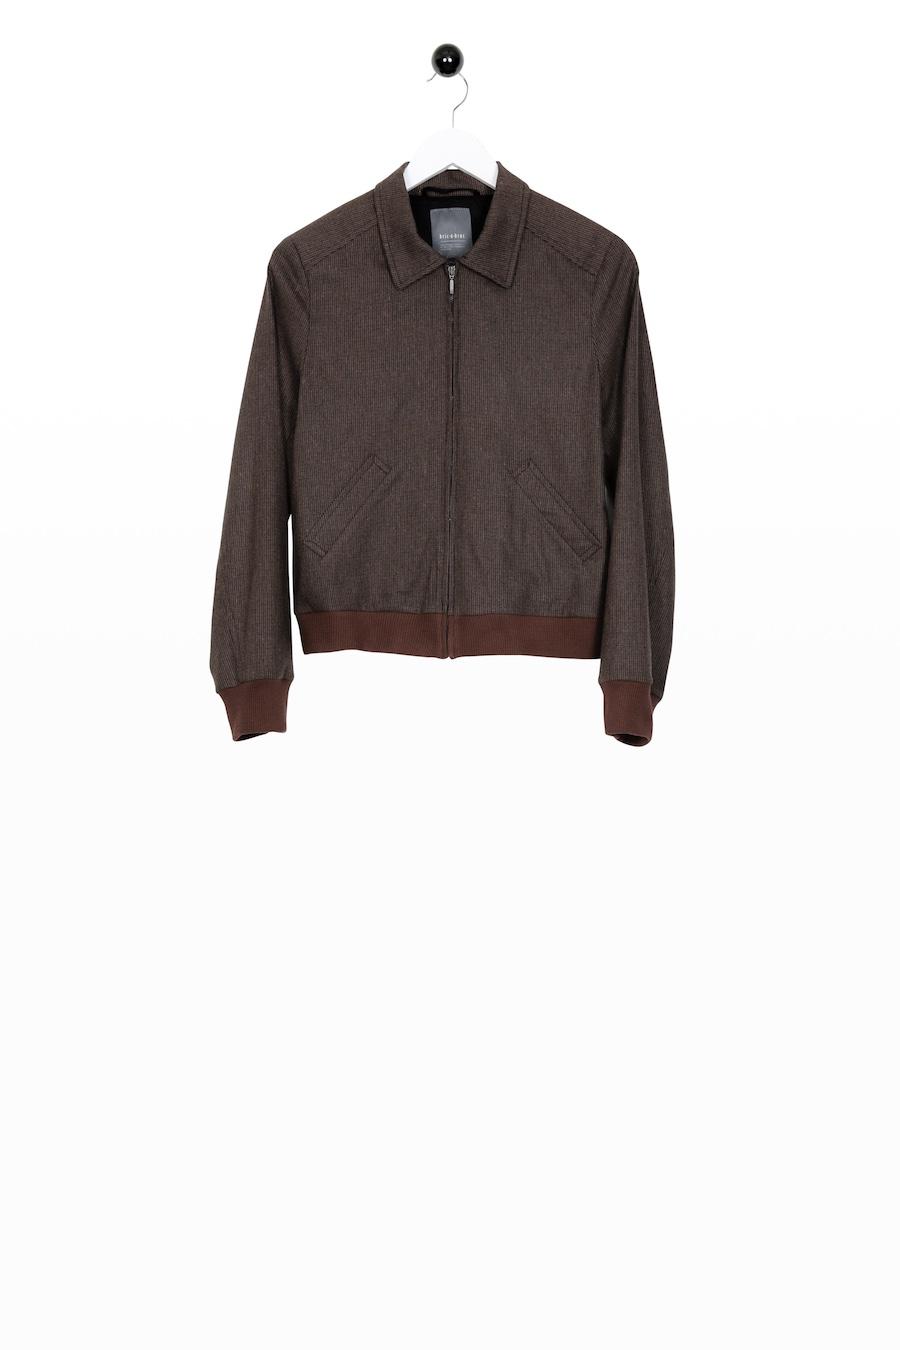 Glendale Jacket